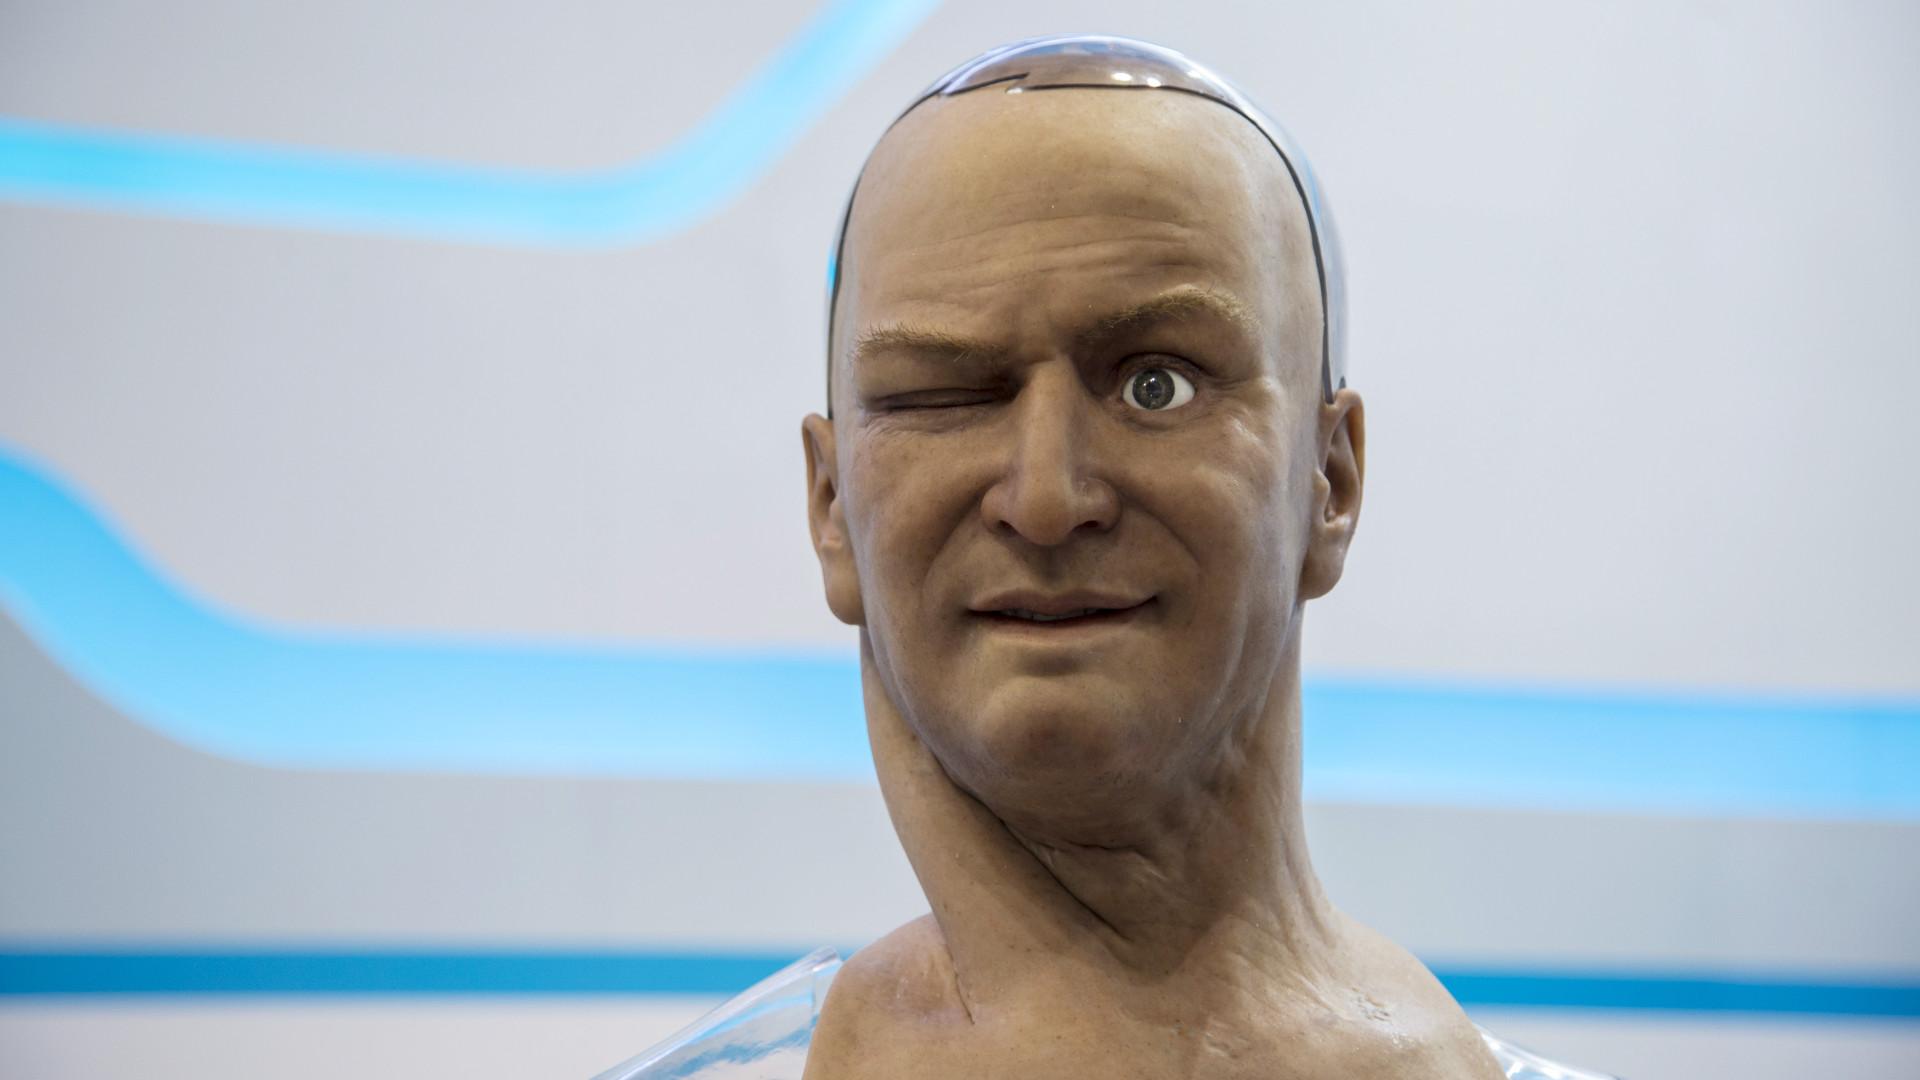 Novo tipo de 'pele eletrónica' pode ter aplicações na robótica e medicina